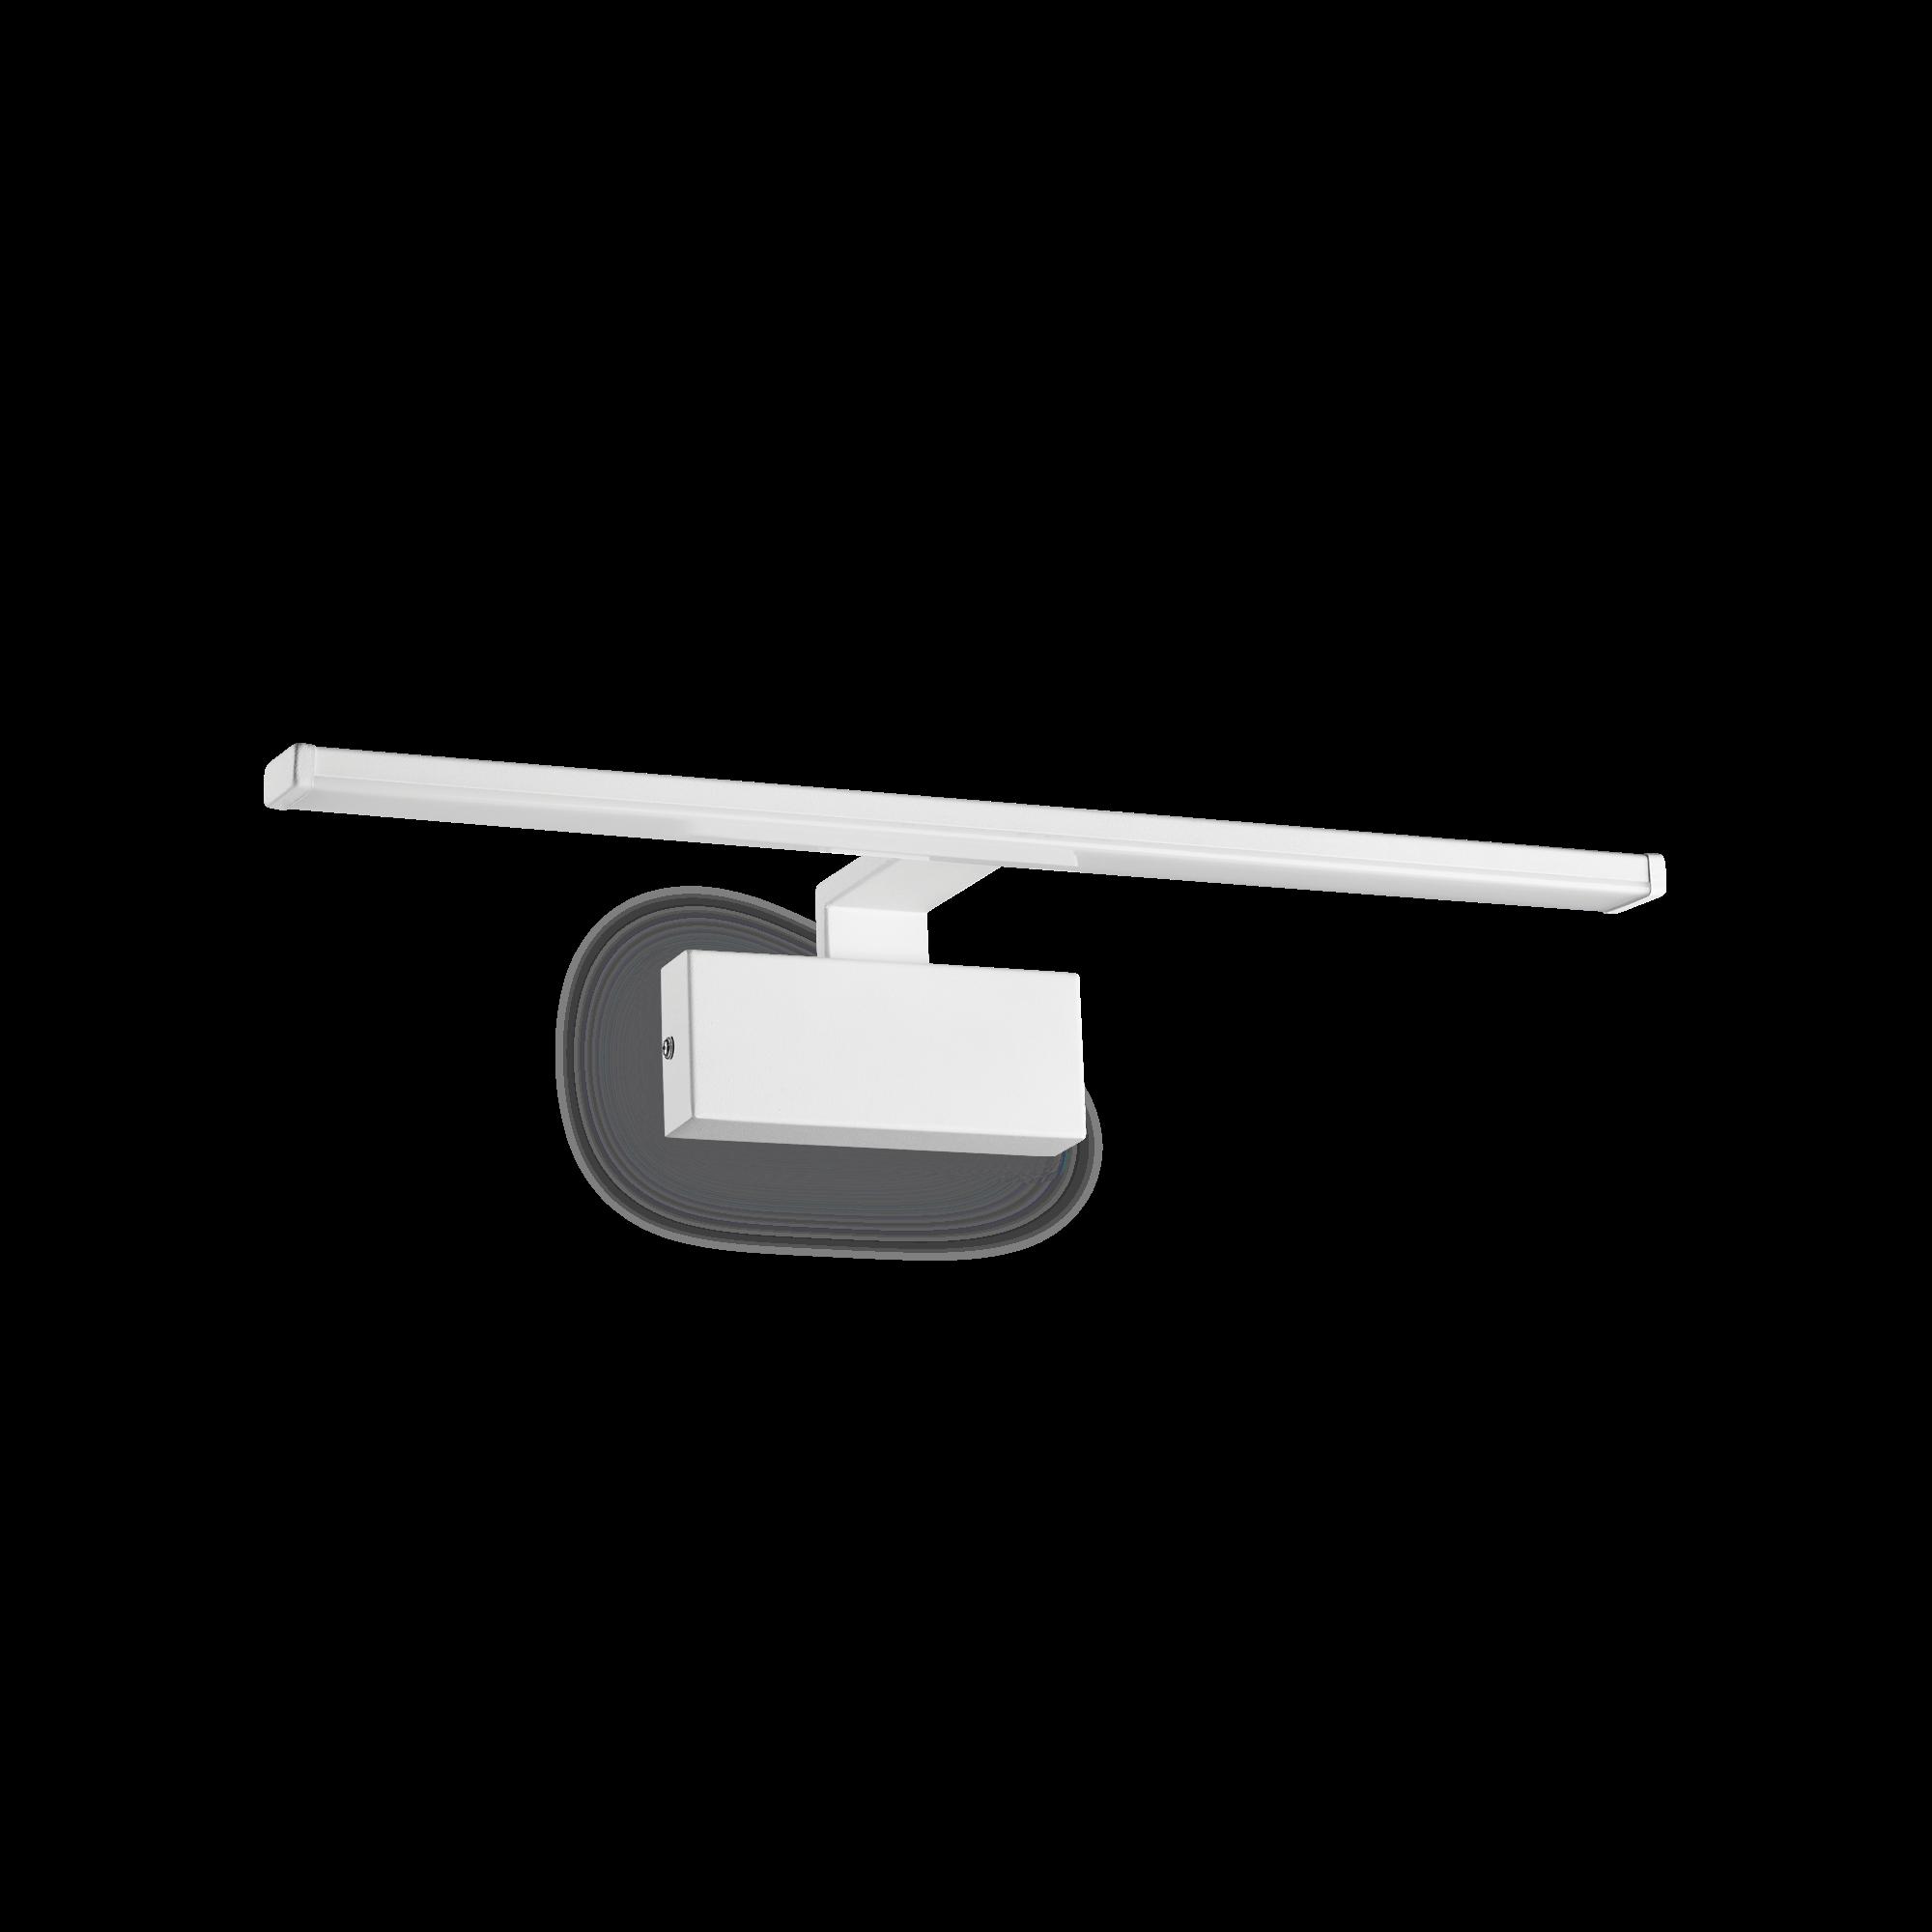 IdealLux 224985 ALMA AP nástěnné LED svítidlo k zrcadlu 12W 820lm 3000K IP20 bílá